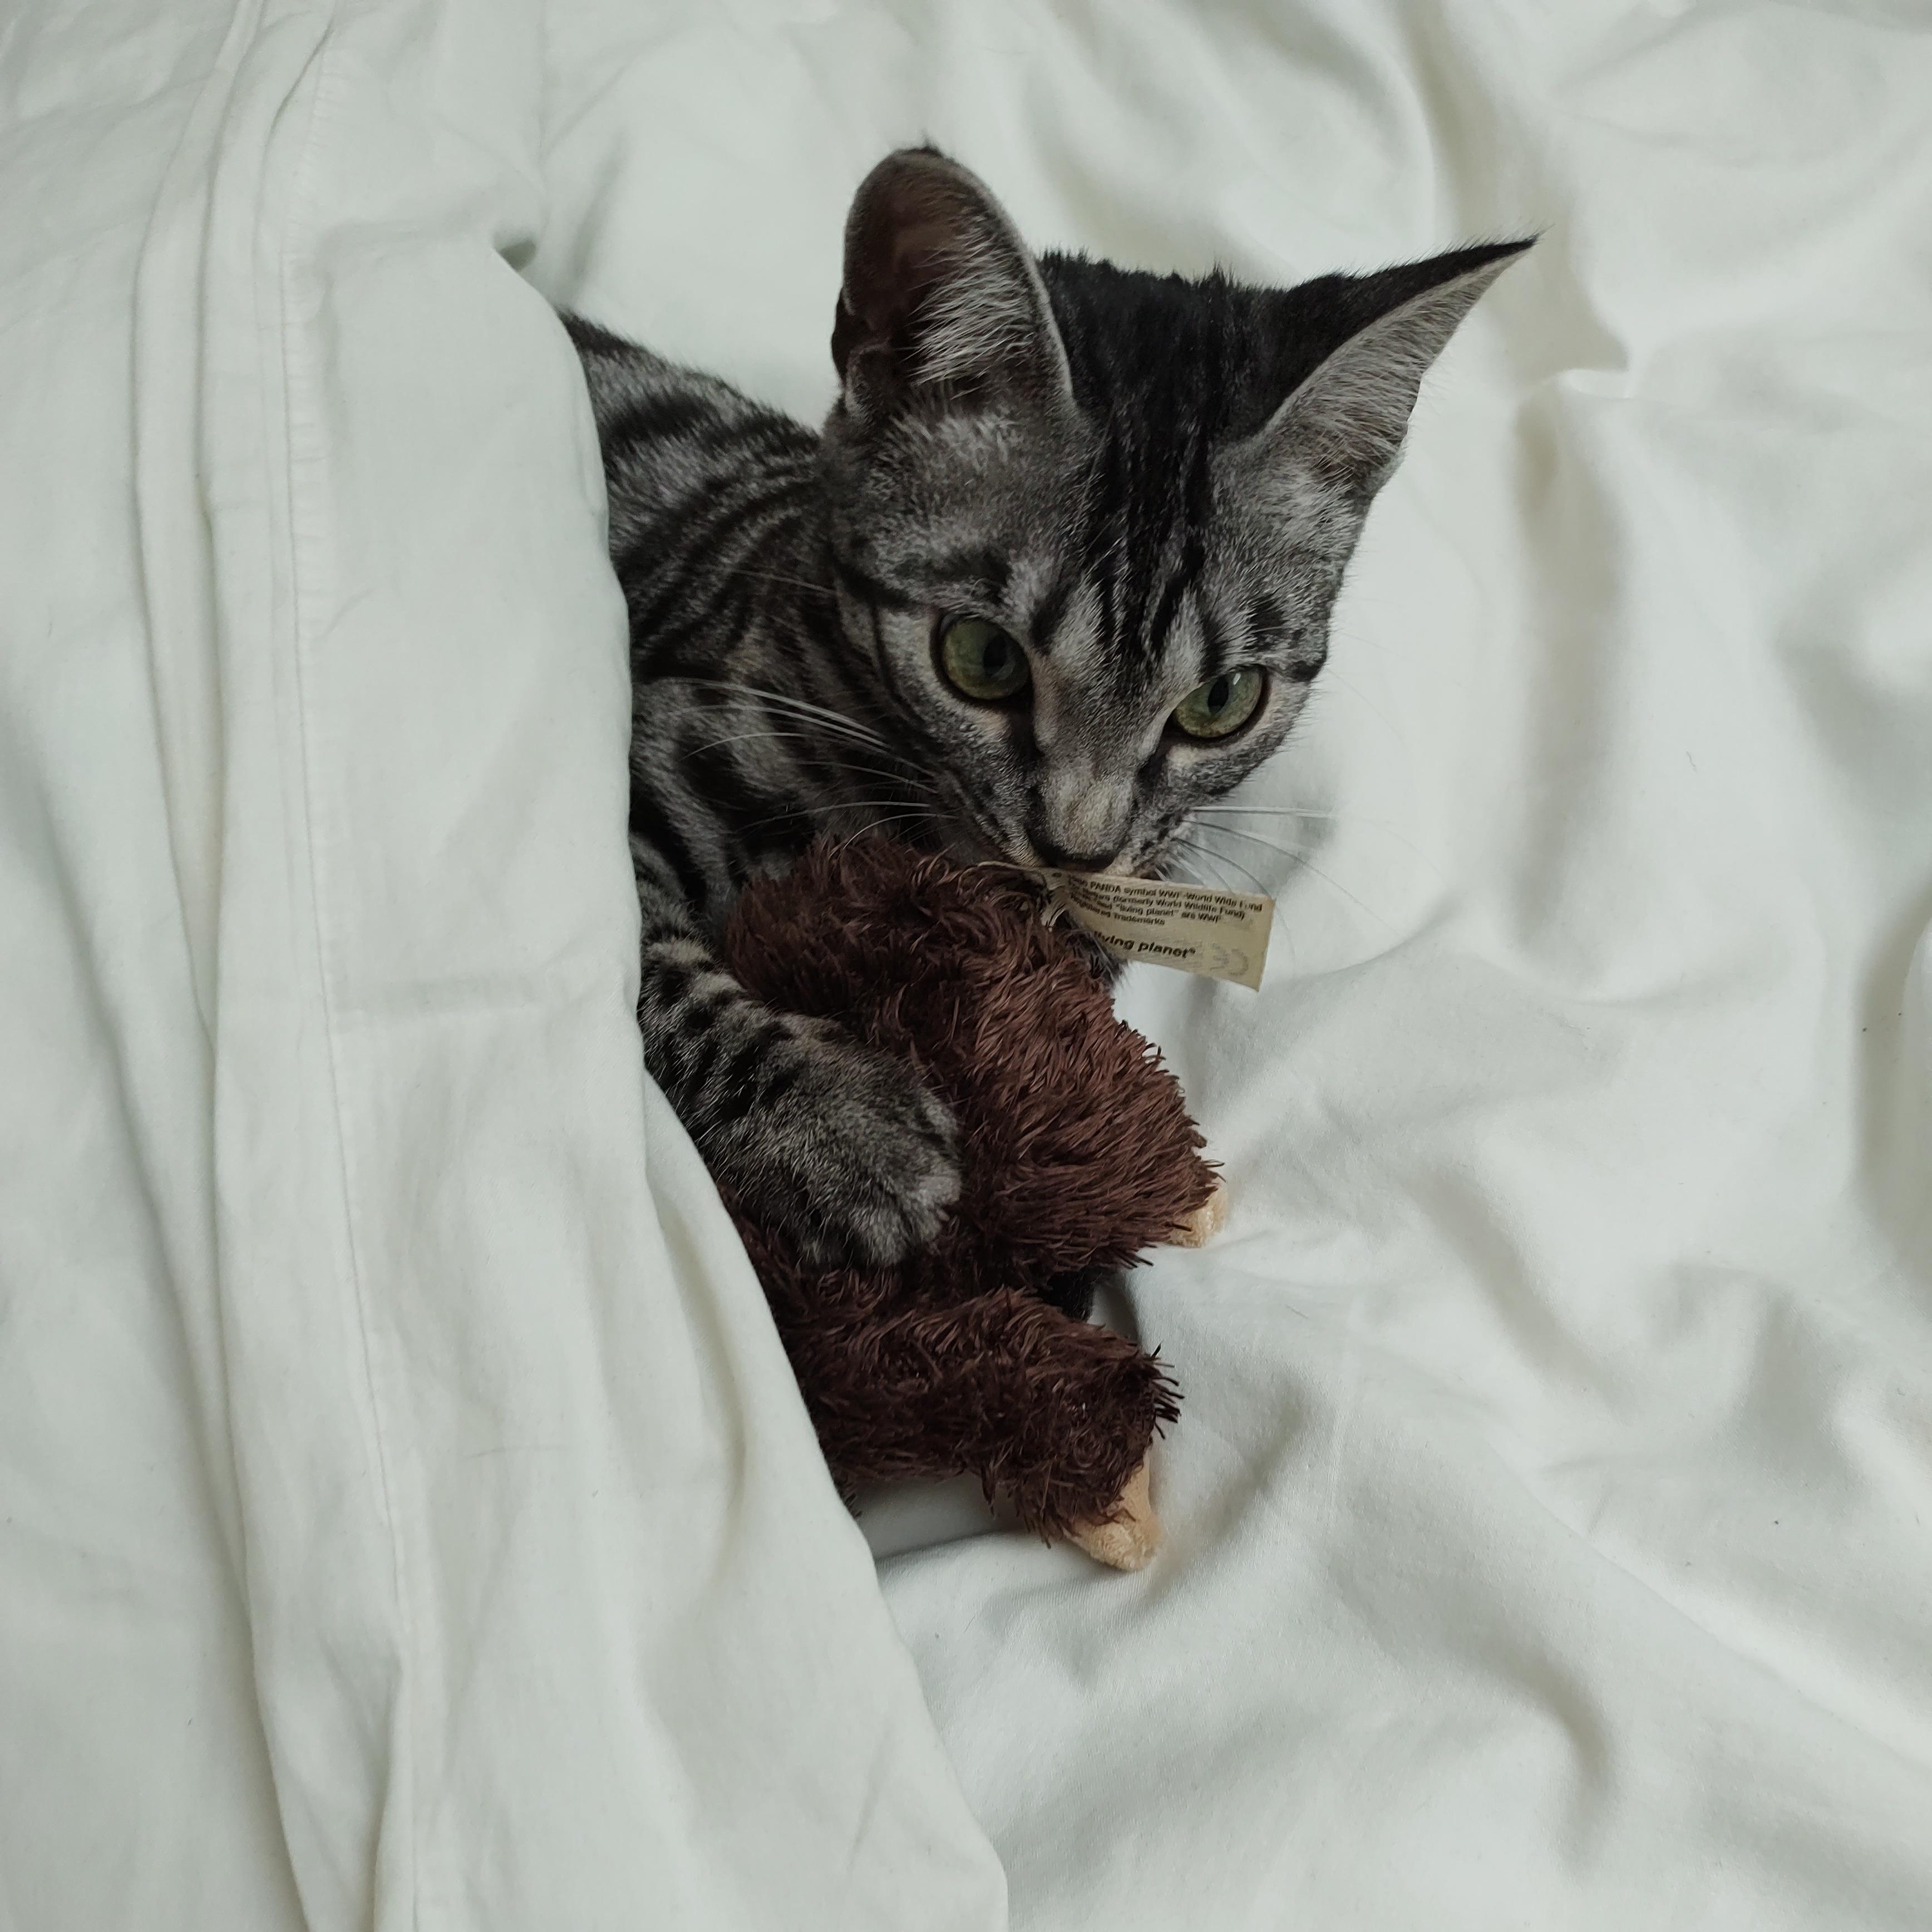 Un chat Bengal couché regarde l'appareil qui le prend en photo.